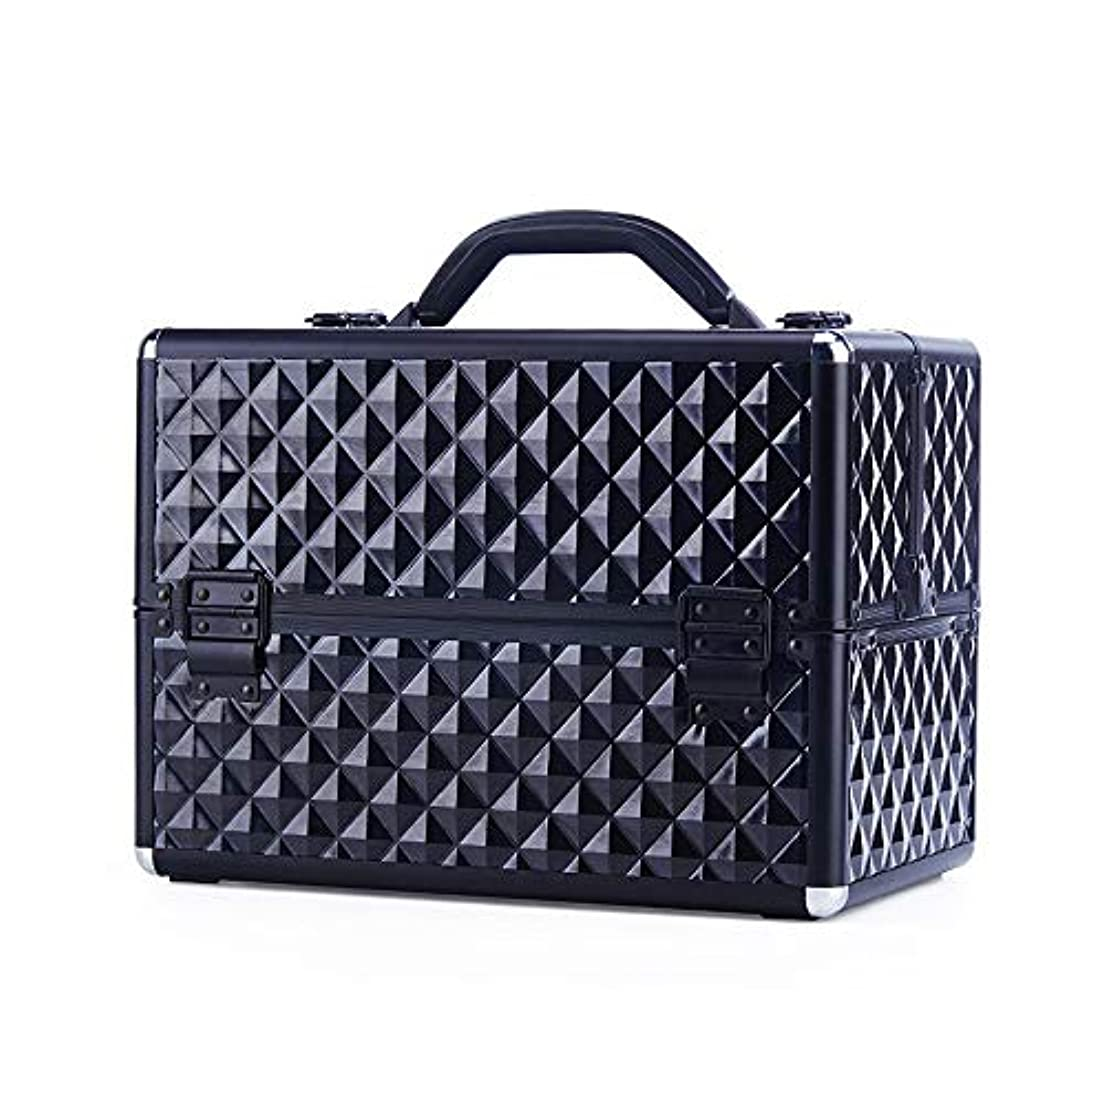 事前スピンジャングル化粧オーガナイザーバッグ 大型スペースチェック柄美容化粧箱メイクキャリー/トラベルケースアーティストネイルテックケース収納美容袋 化粧品ケース (色 : ブラック)